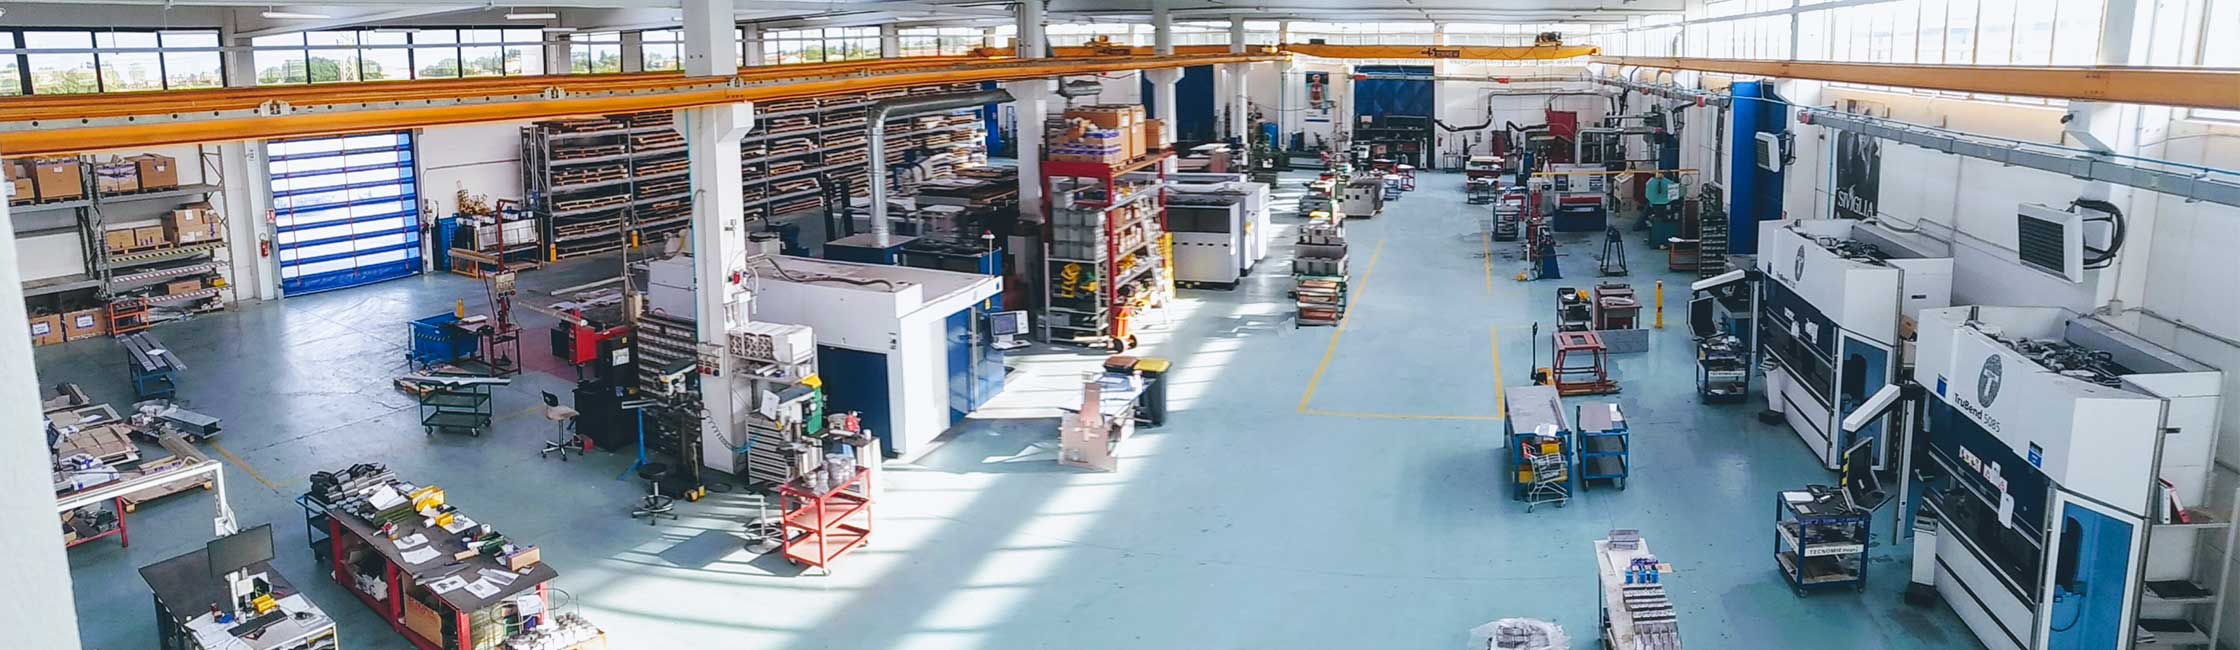 sala-produzione-contatti-tecnomir